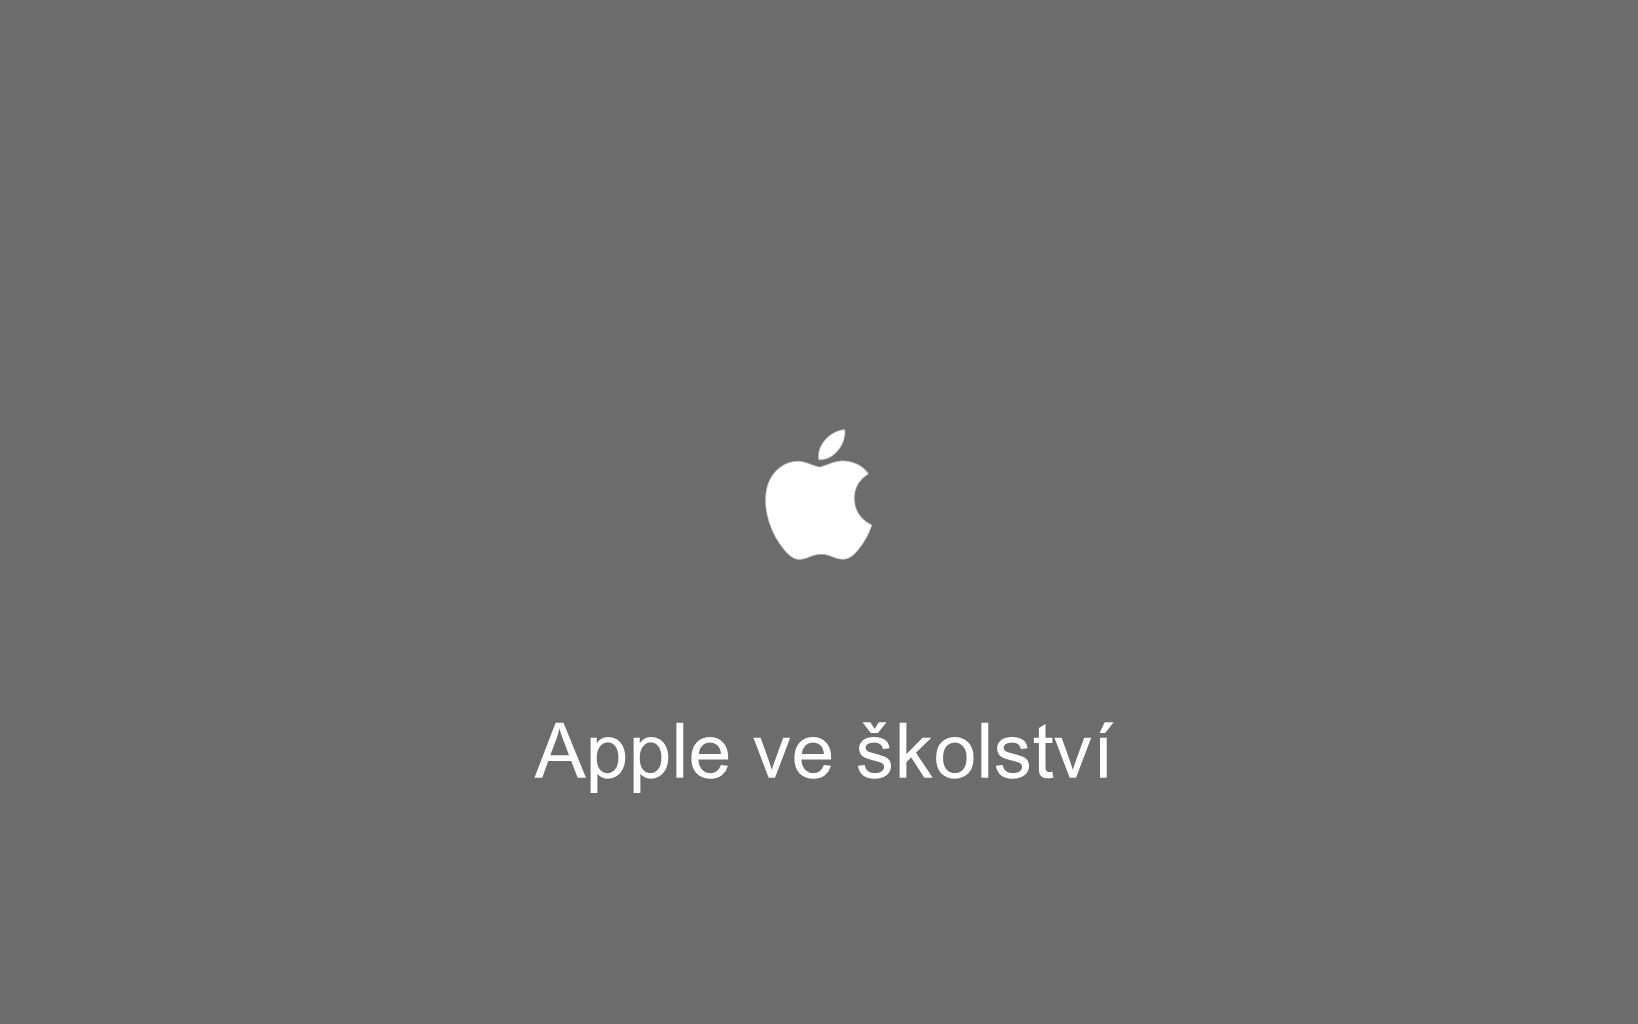 Apple ve školství